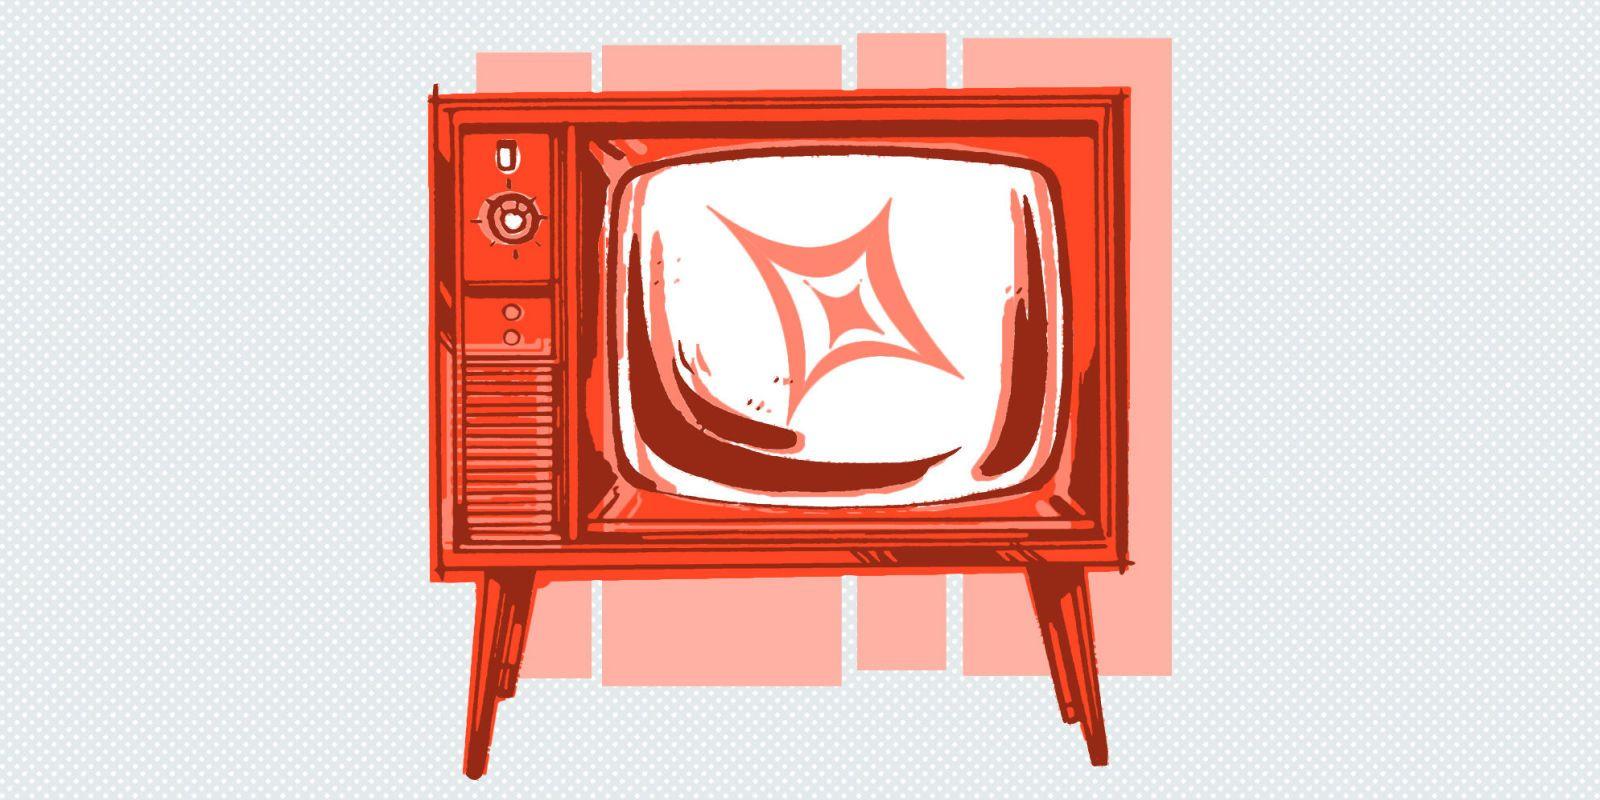 Ellen 12 days of giveaways tv falls over lake